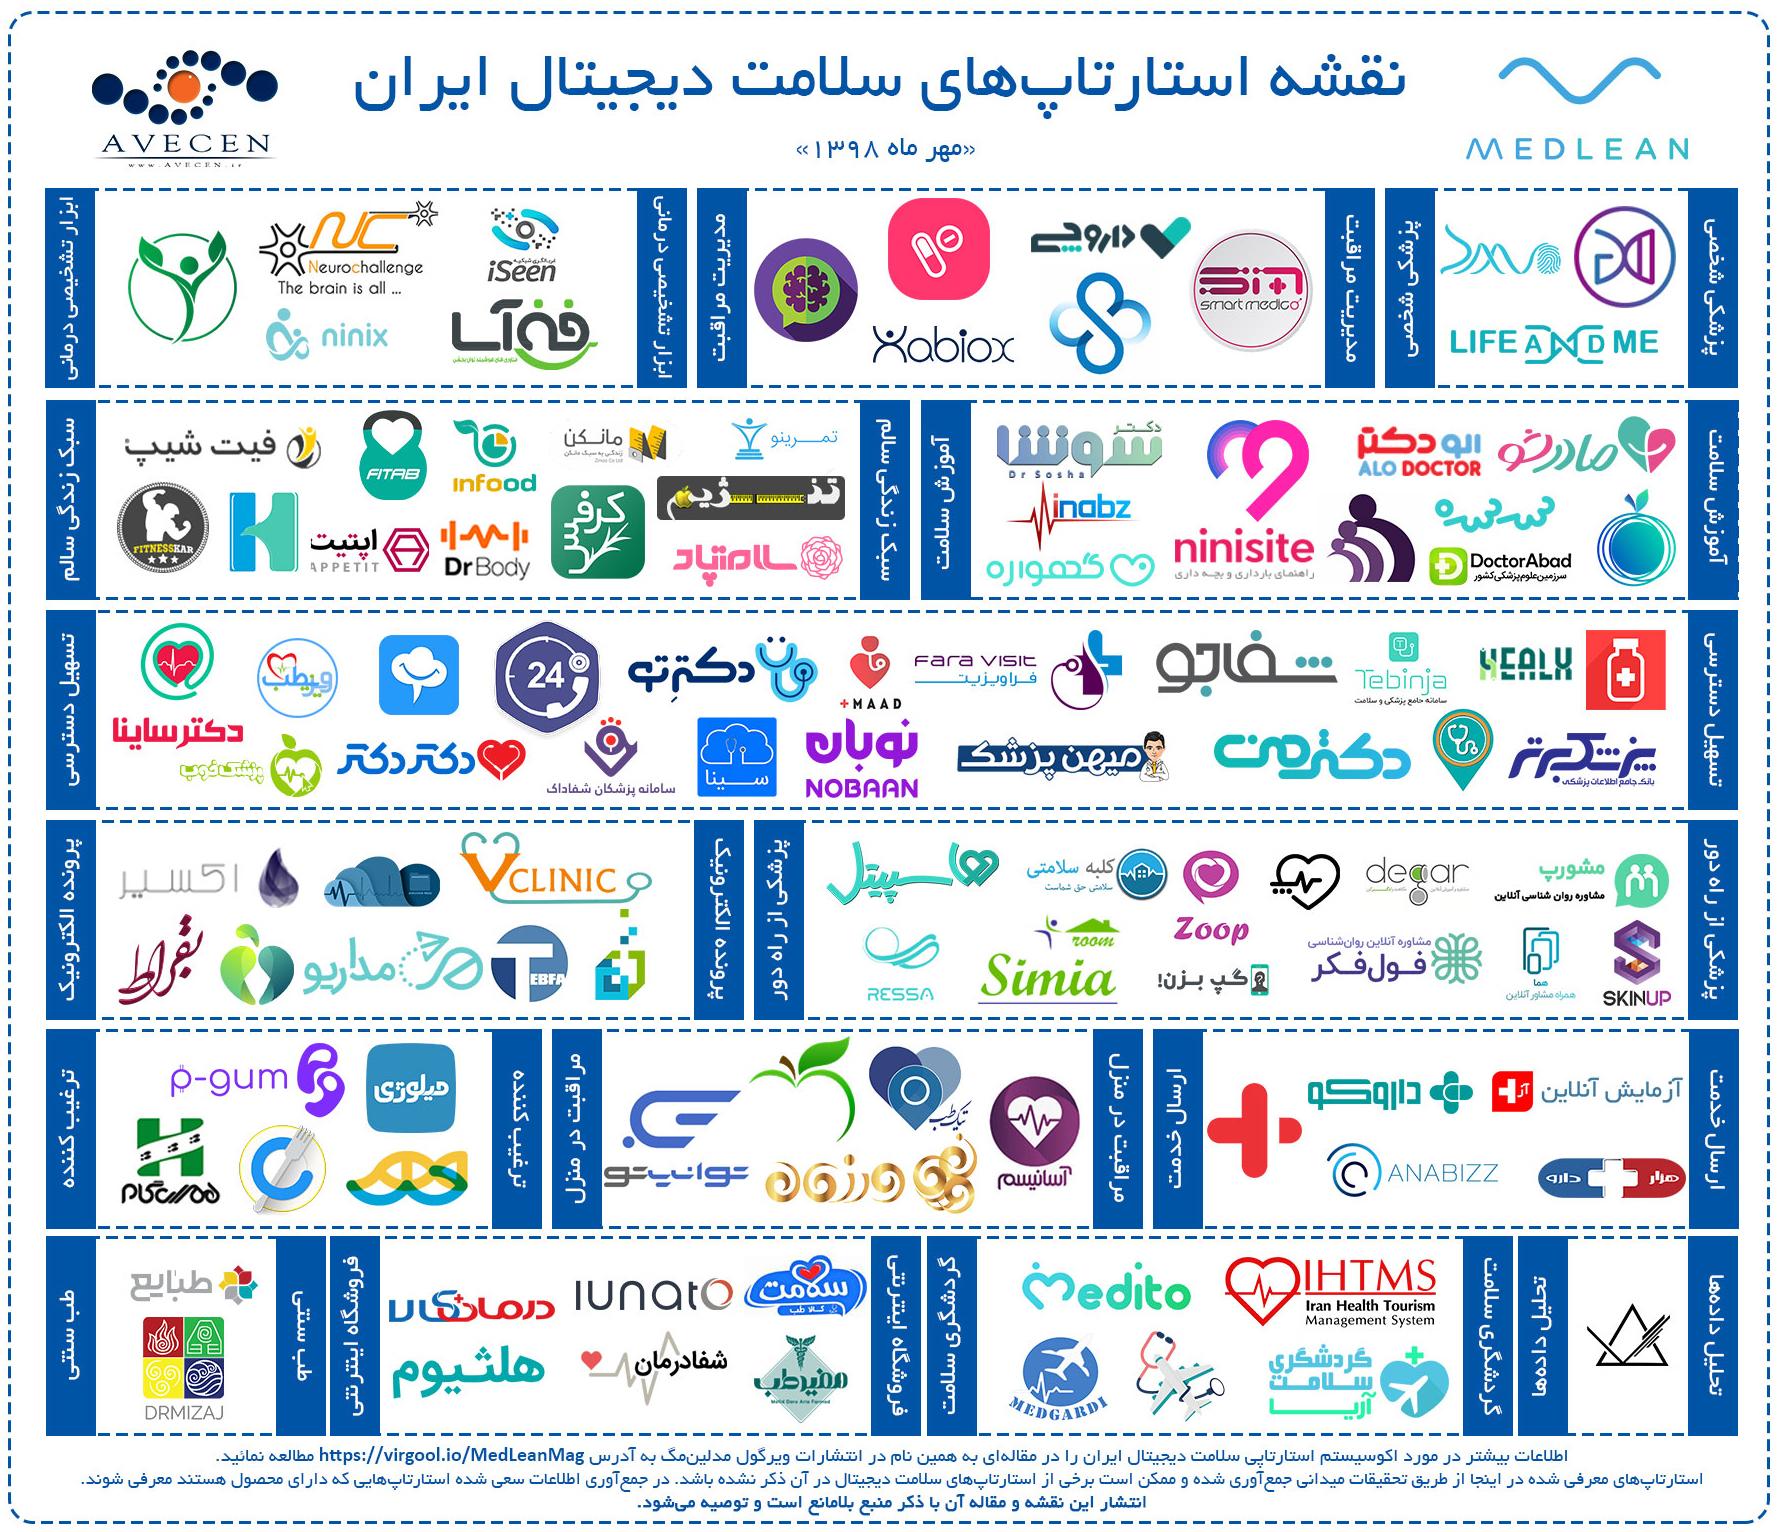 نگاهی بر اکوسیستم استارتاپی سلامت دیجیتال ایران